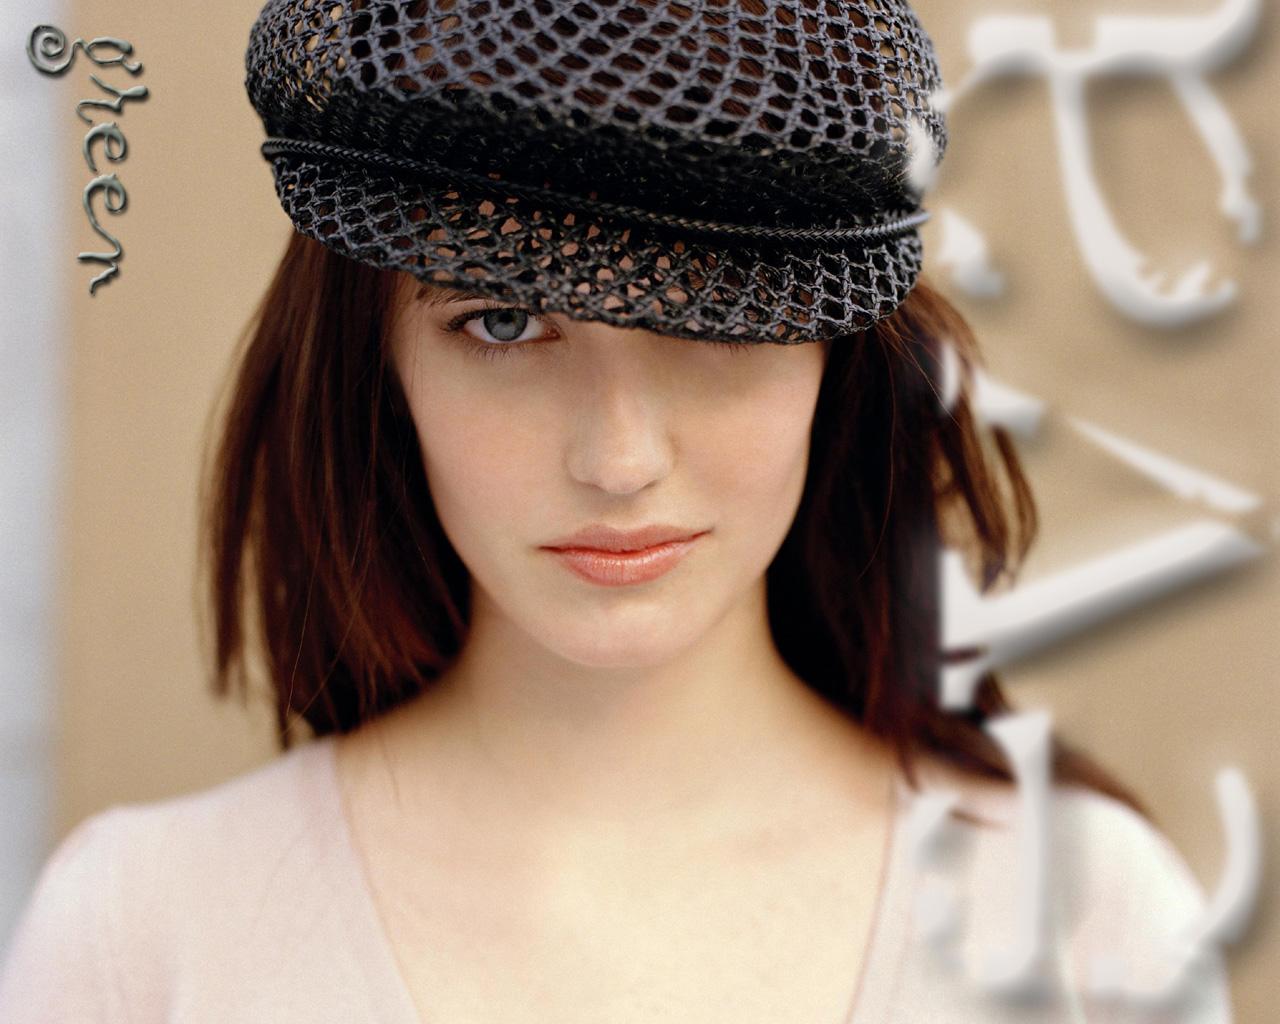 http://4.bp.blogspot.com/_zJZbKdIHjj8/TRr6I024oKI/AAAAAAAAAaY/0okqFN--y48/s1600/eva_green_5.jpg